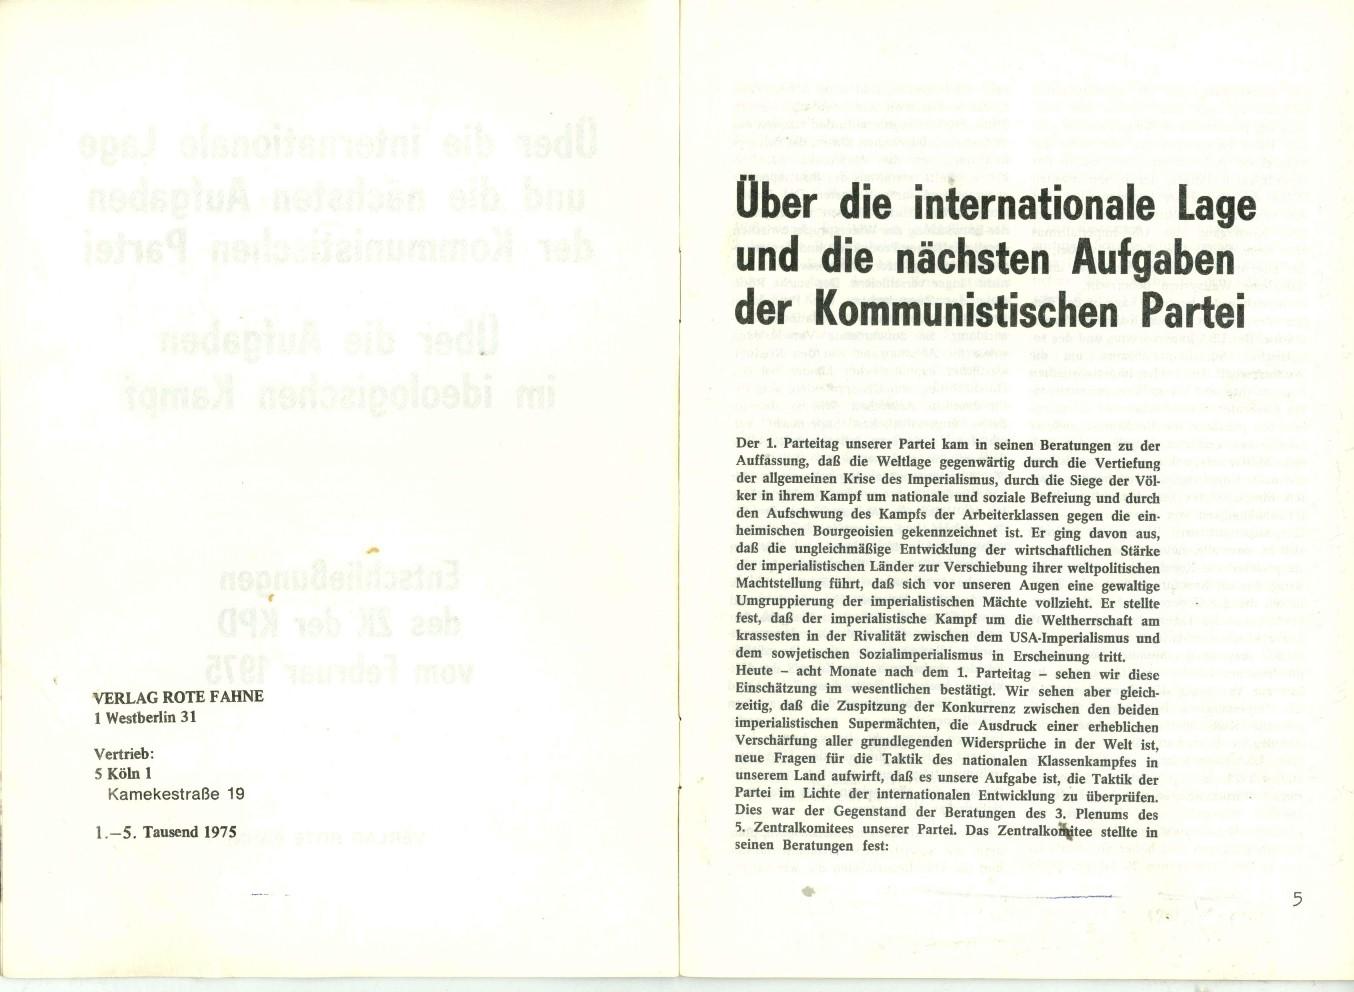 KPD_Entschliessungen_19750200_04